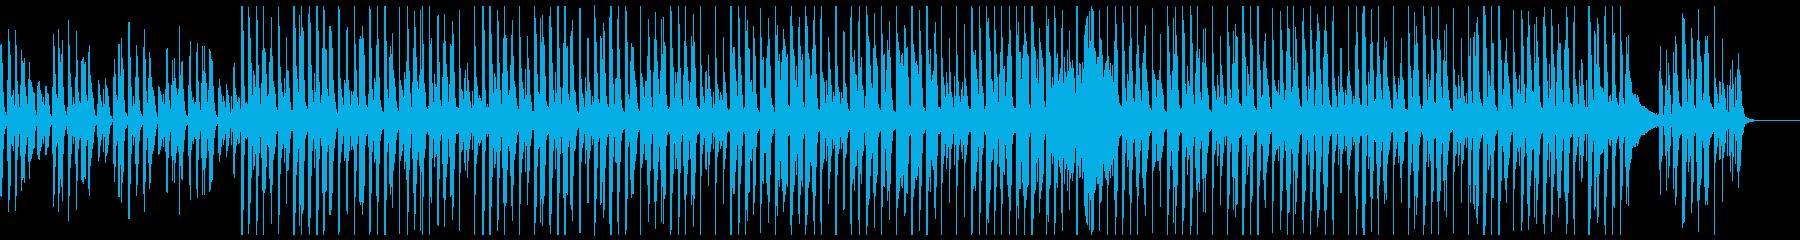 ほのぼのかわいいアコースティックポップの再生済みの波形